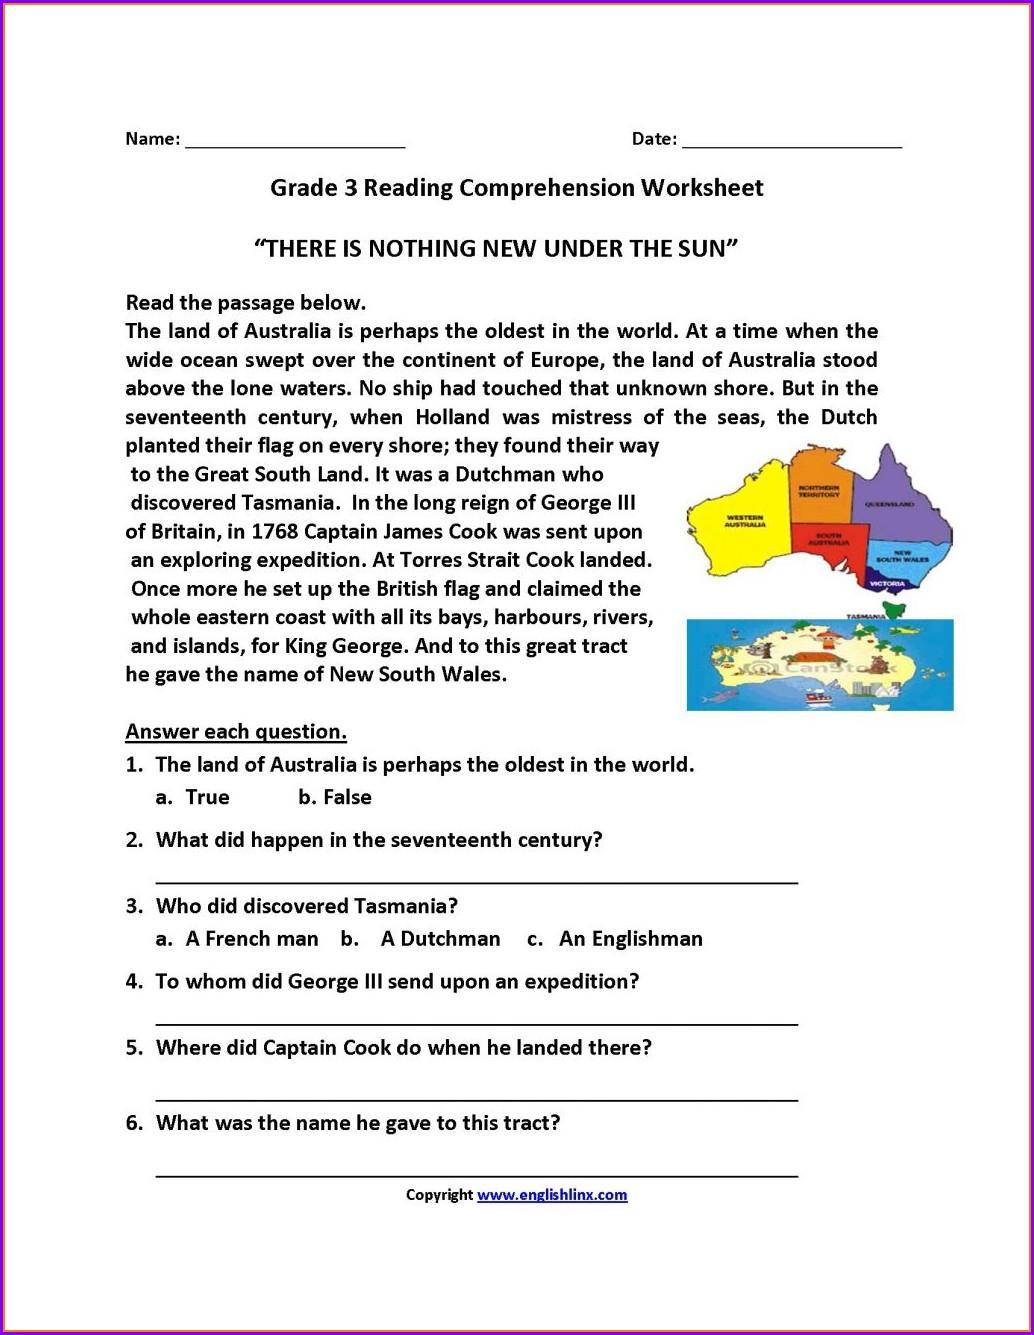 3rd Grade Reading Comprehension Worksheets For Grade 3 Pdf